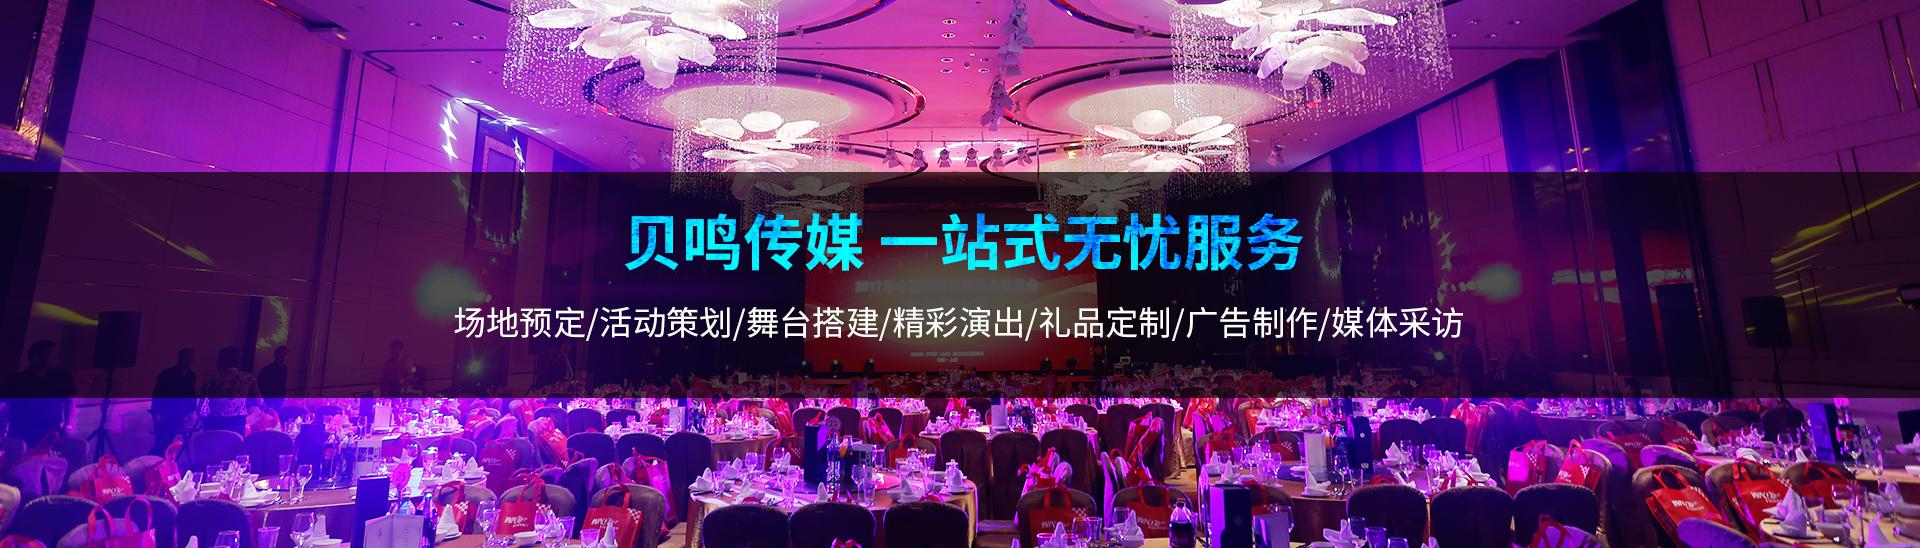 上海会议会务策划